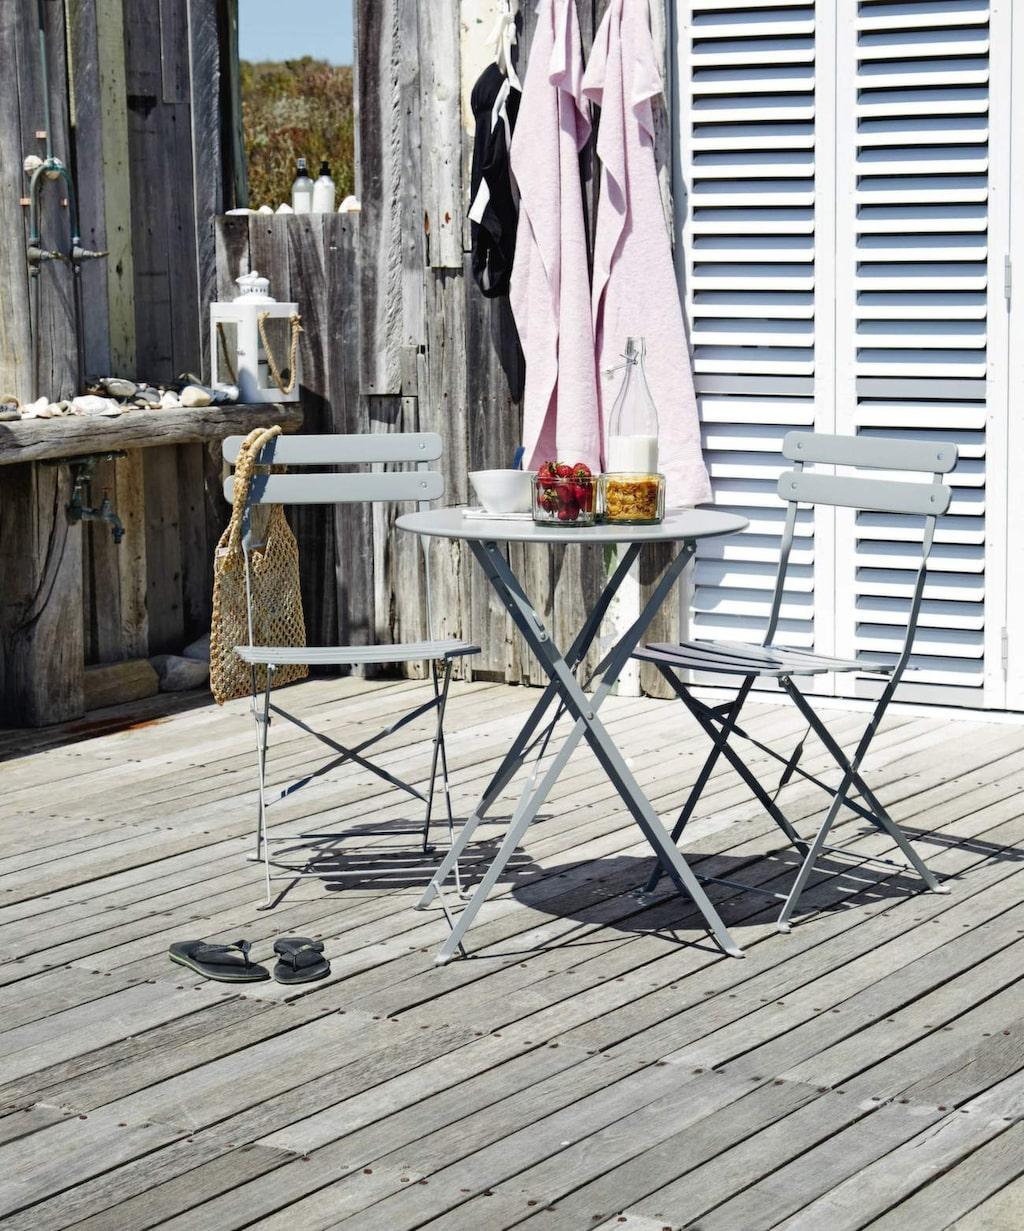 Kaféset med bord och två stolar i grått stål med matt finish. Finns även i ljusgrönt och blått, 599 kronor, Jysk.